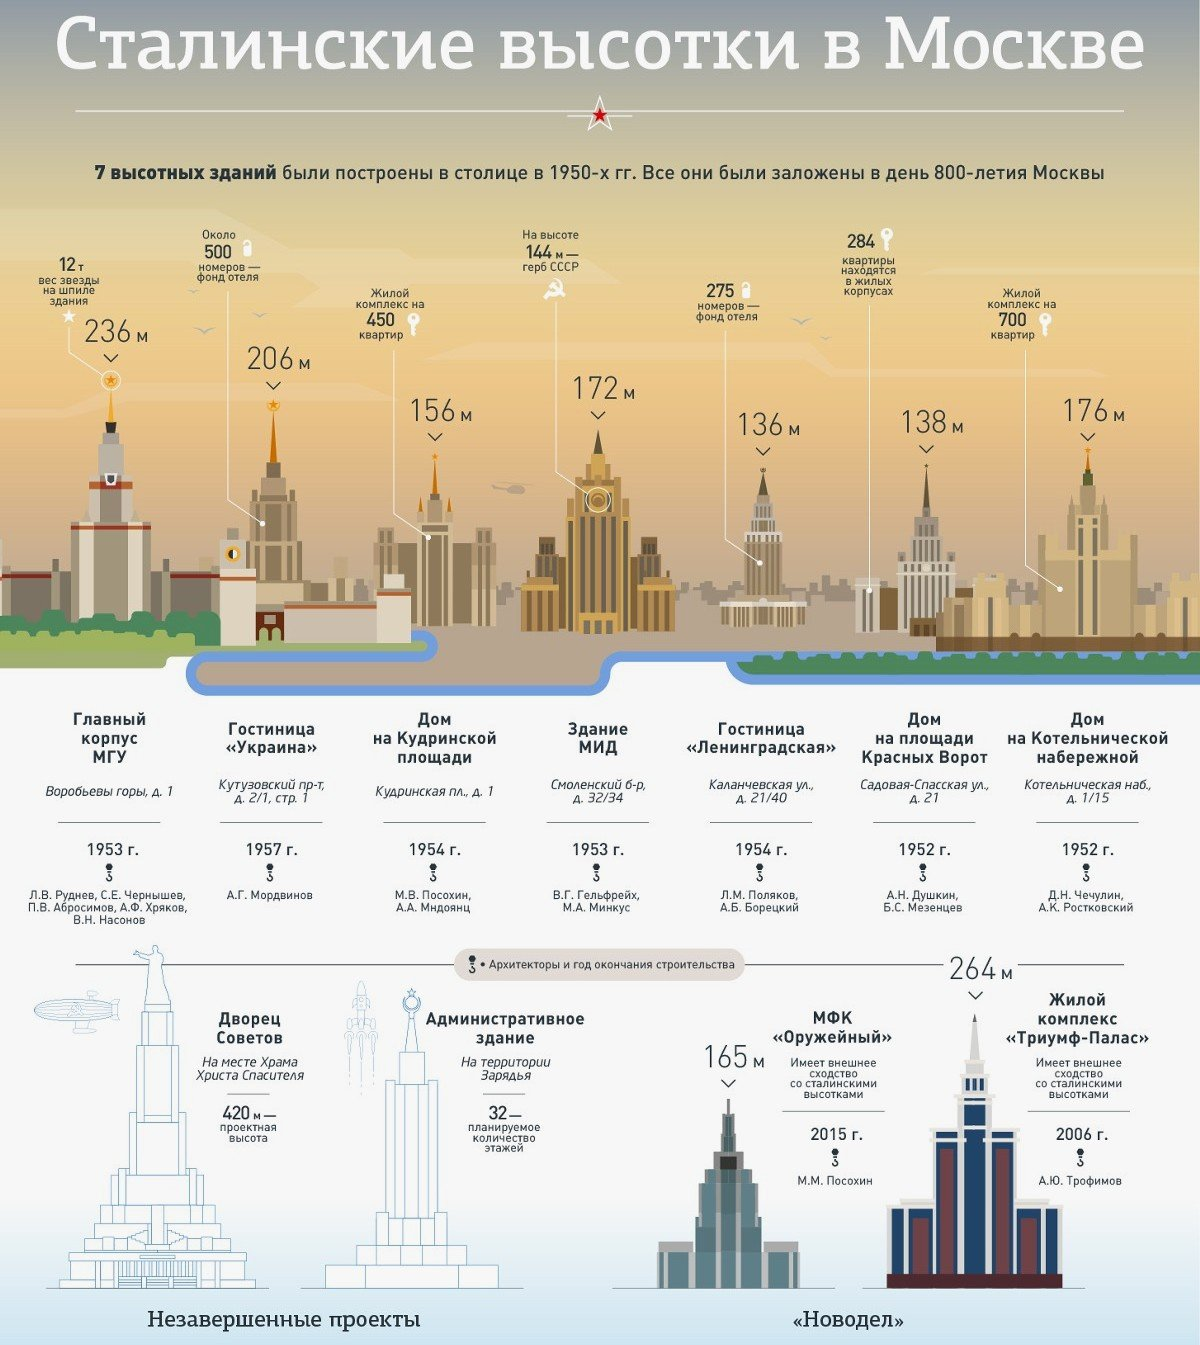 Сталинские высотки в Москве